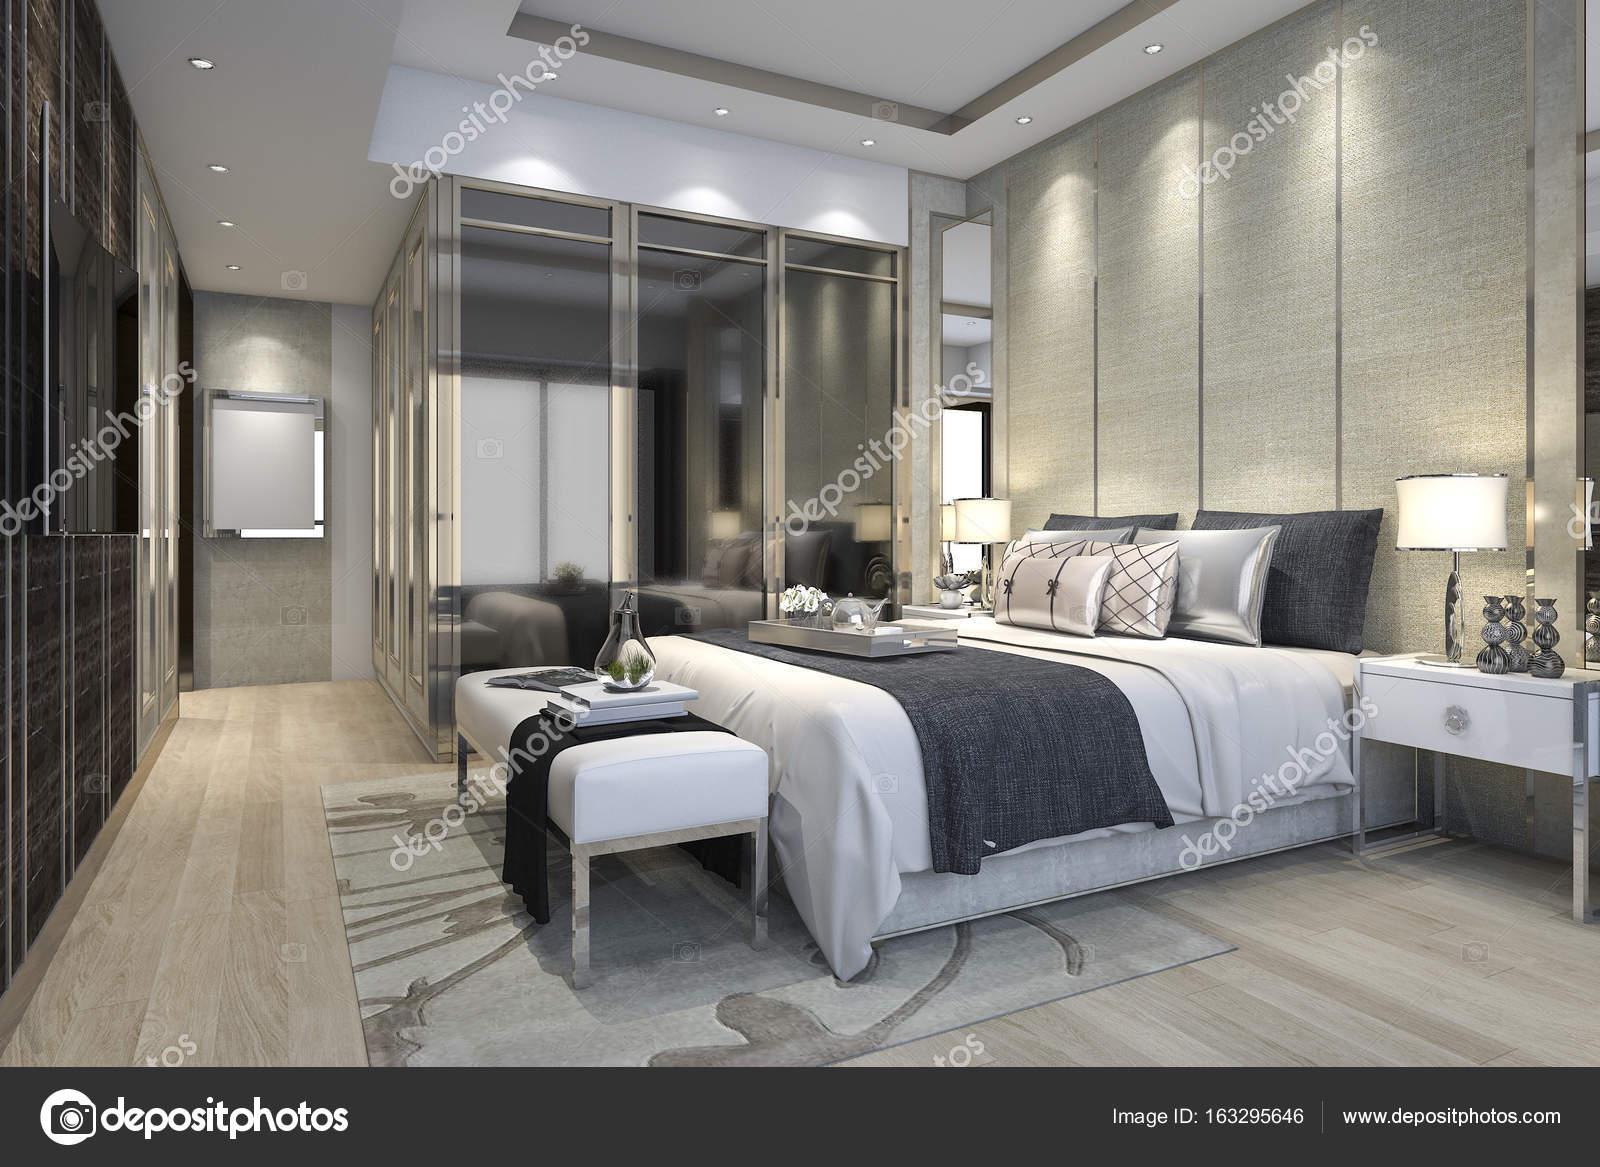 Inloopkast In Slaapkamer : 3d rendering luxe moderne slaapkamer suite in hotel met garderobe en